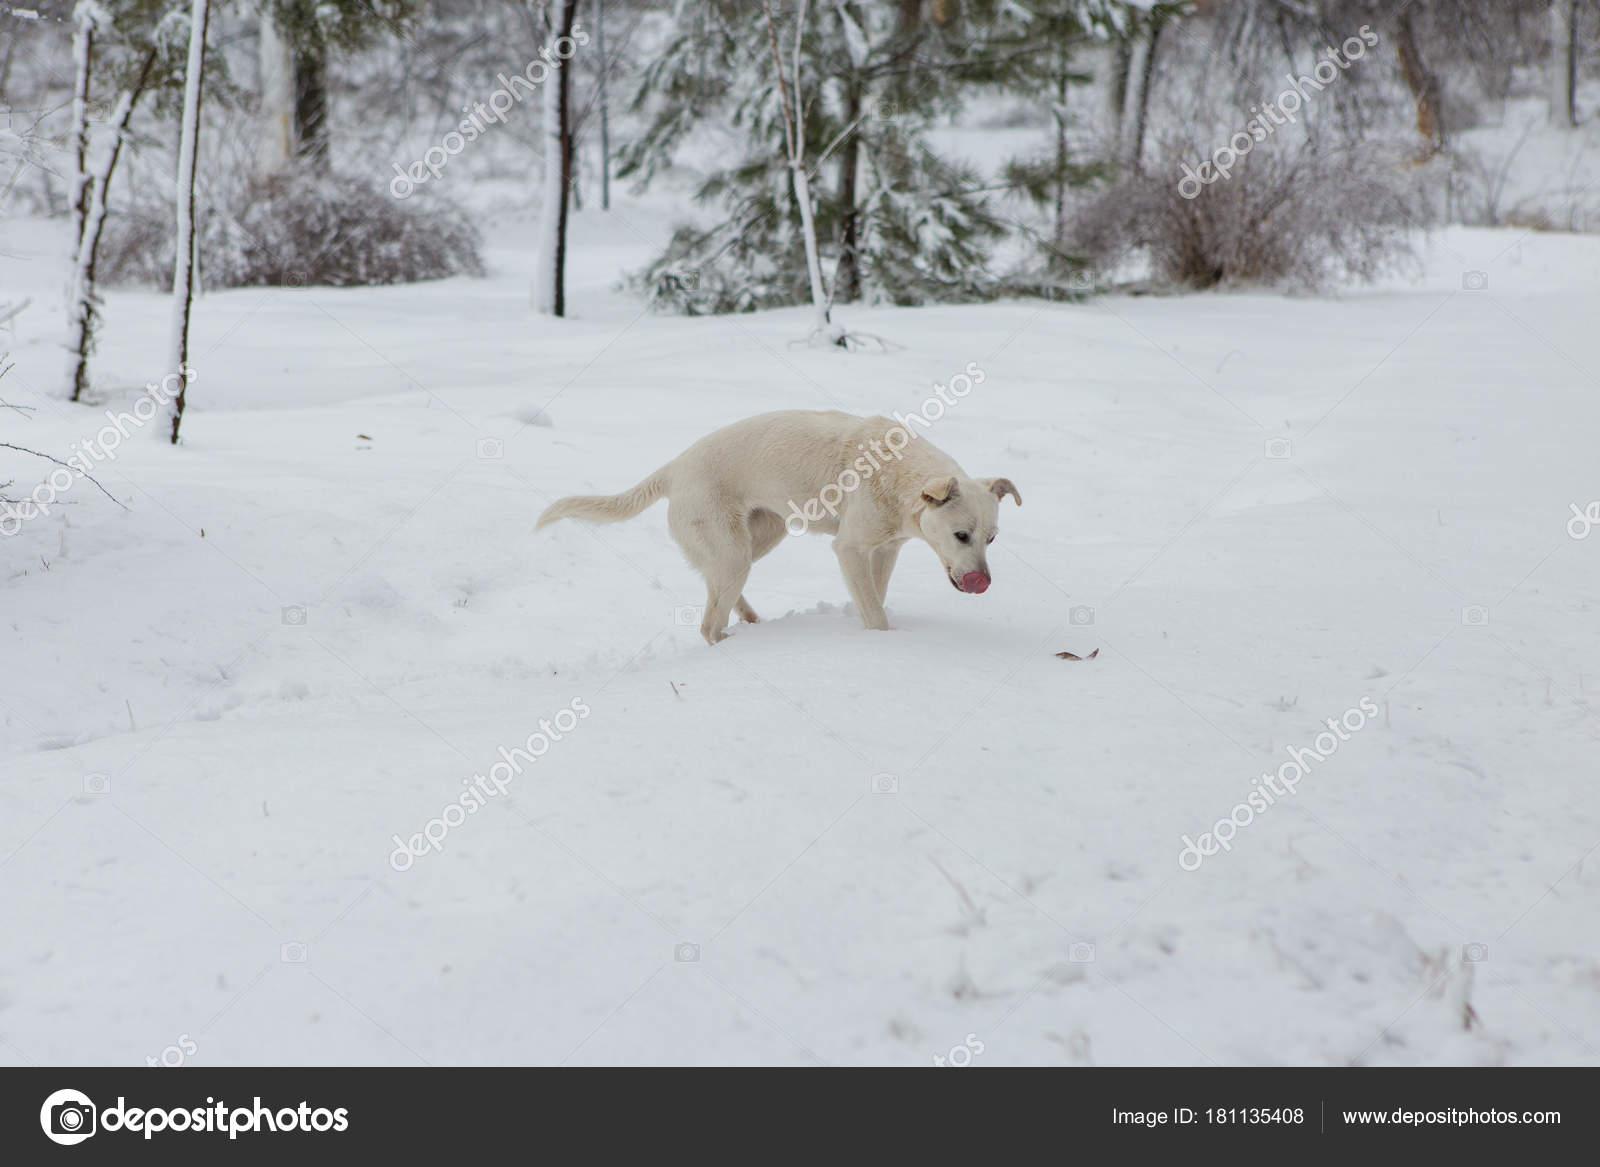 Schnee Lustige Bilder.Weisser Hund Spielen Schnee Lustige Doggy Wintermarchen